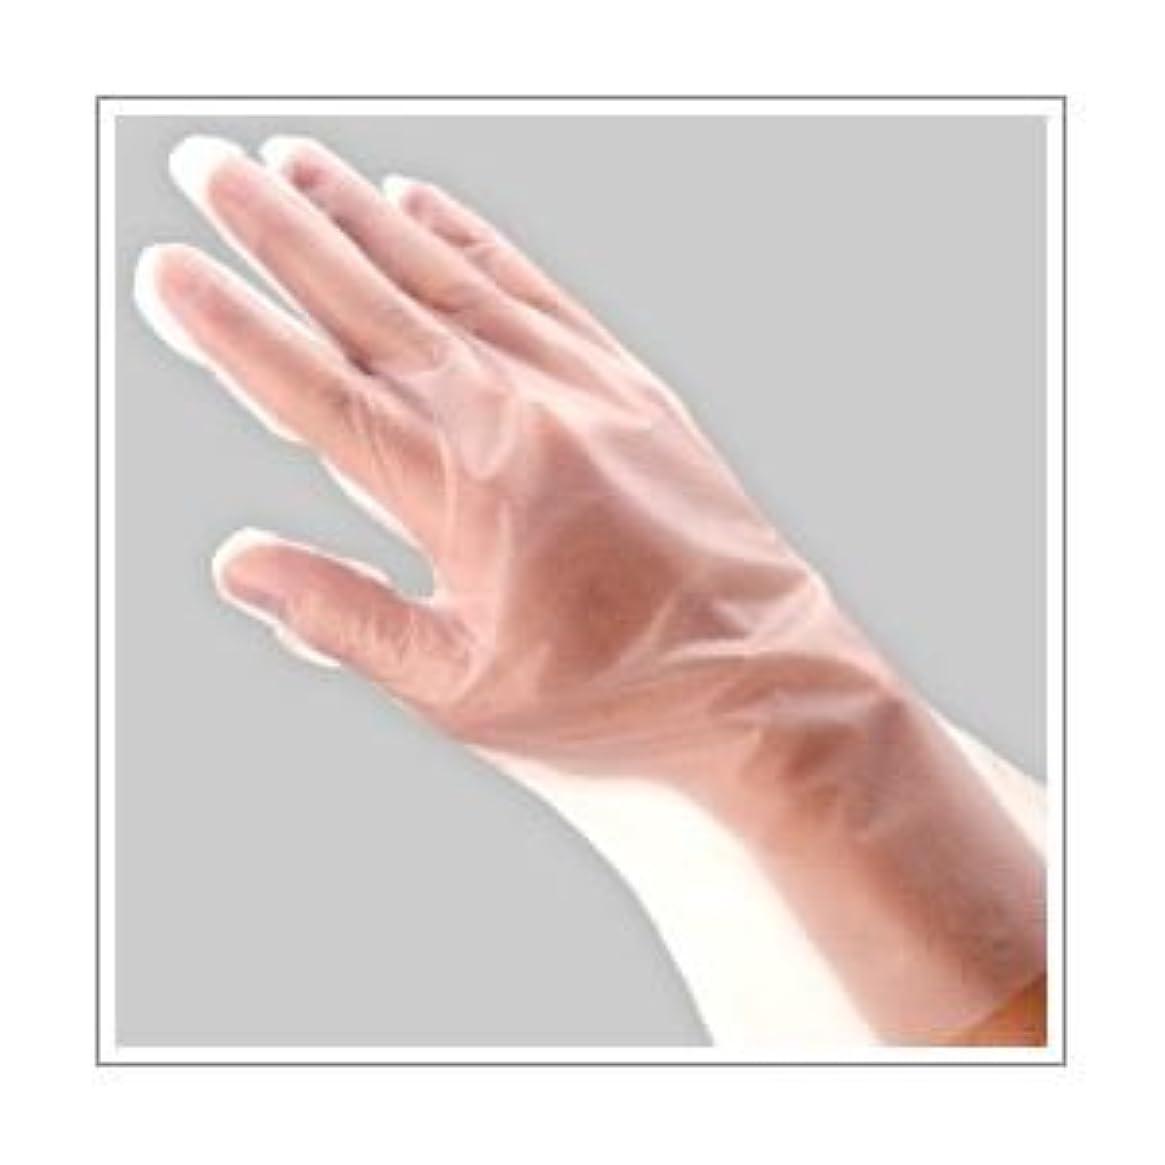 血まみれのただやる脈拍(業務用セット) 福助工業 ポリ手袋 指フィット 100枚パック M 【×10セット】 dS-1640684